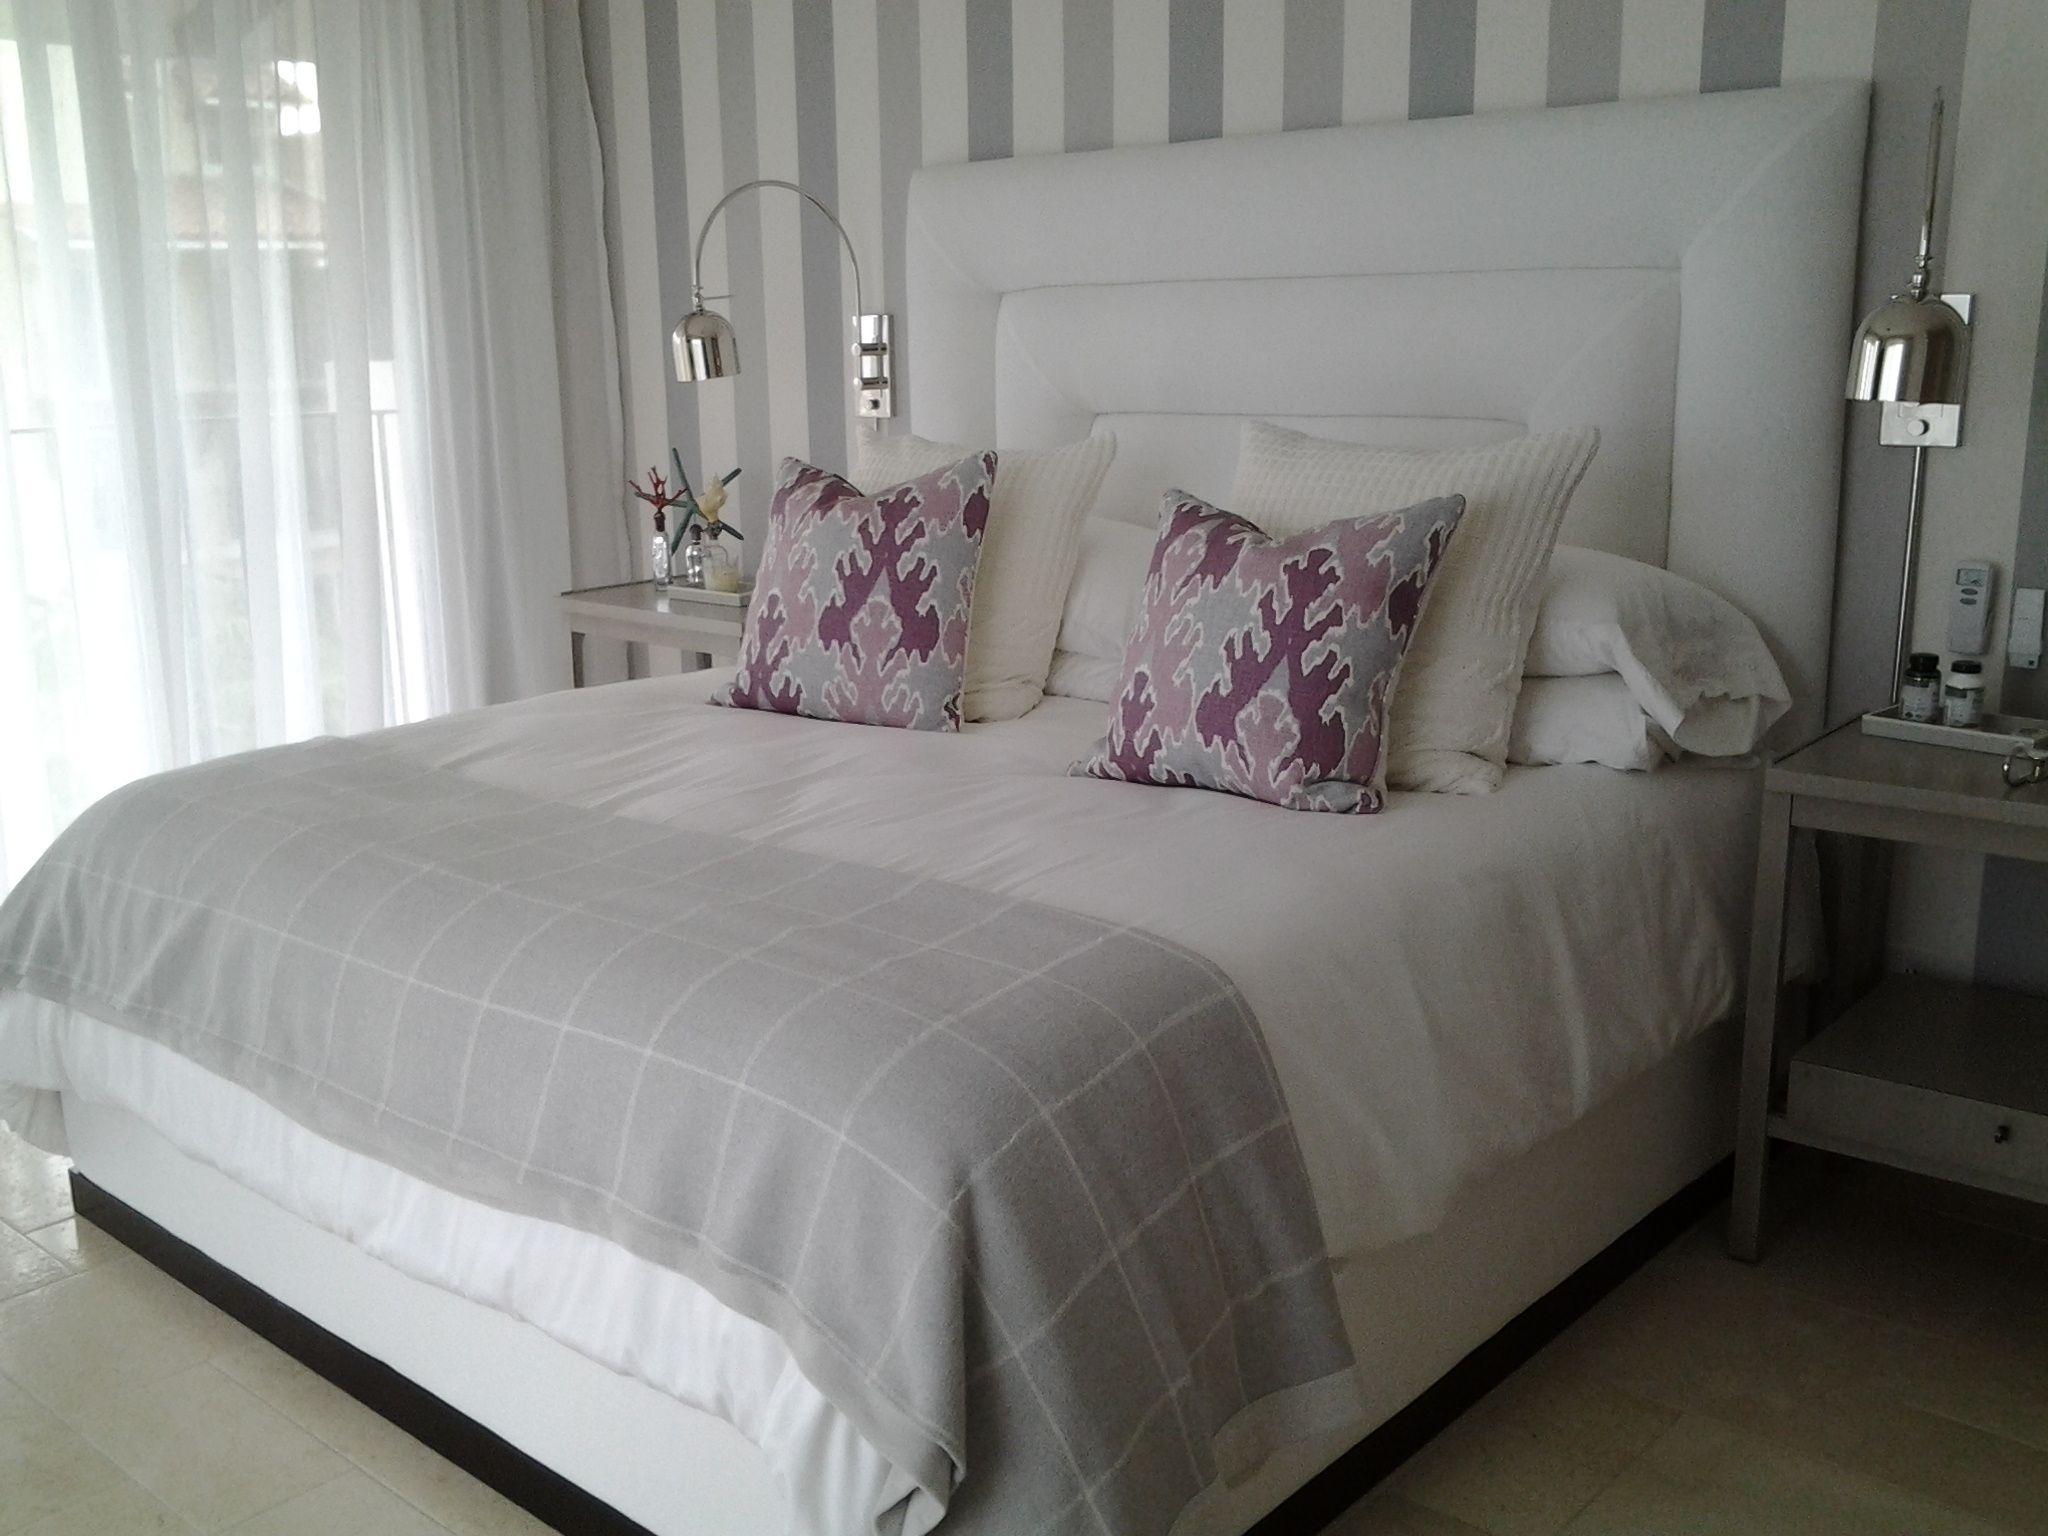 respaldar confeccionado base de cama | Decoración cuartos ...